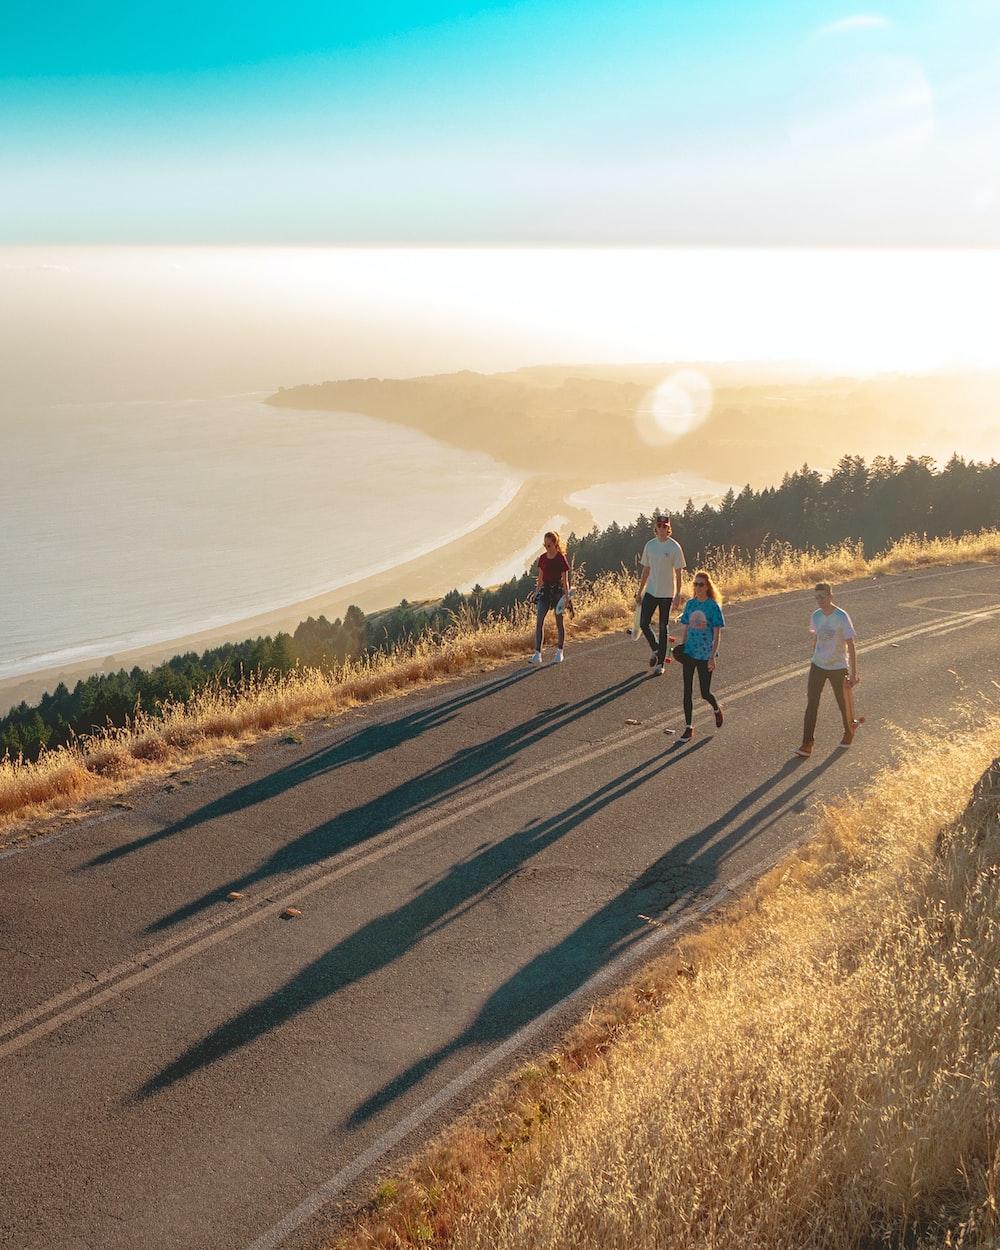 four men and women walking on roadway near body of water